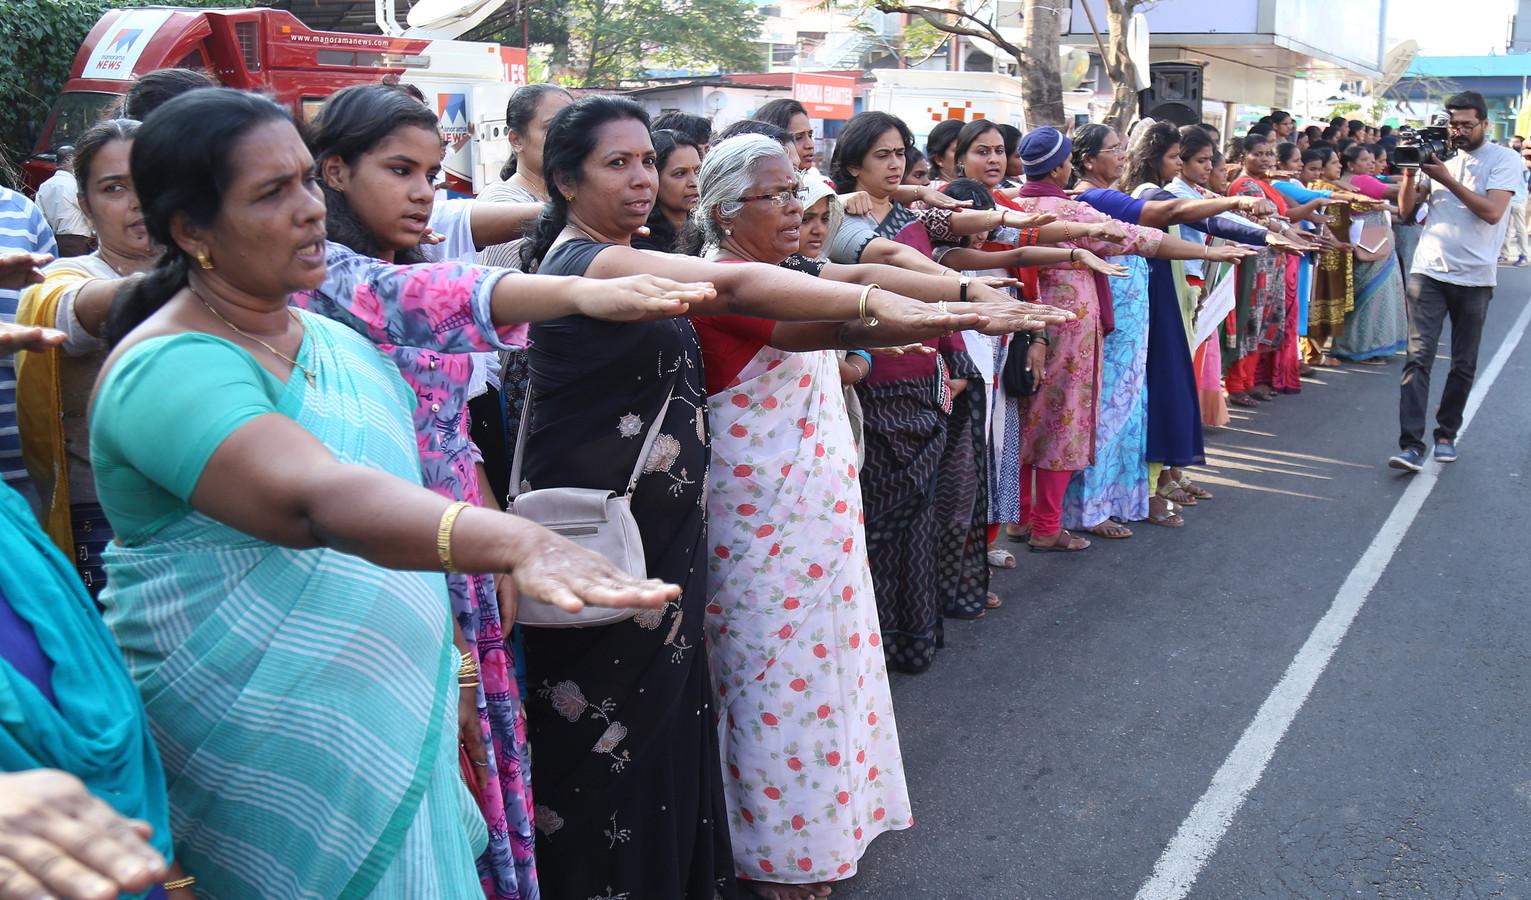 Vrouwen protesteren in 2019 in India tegen hun benarde situatie